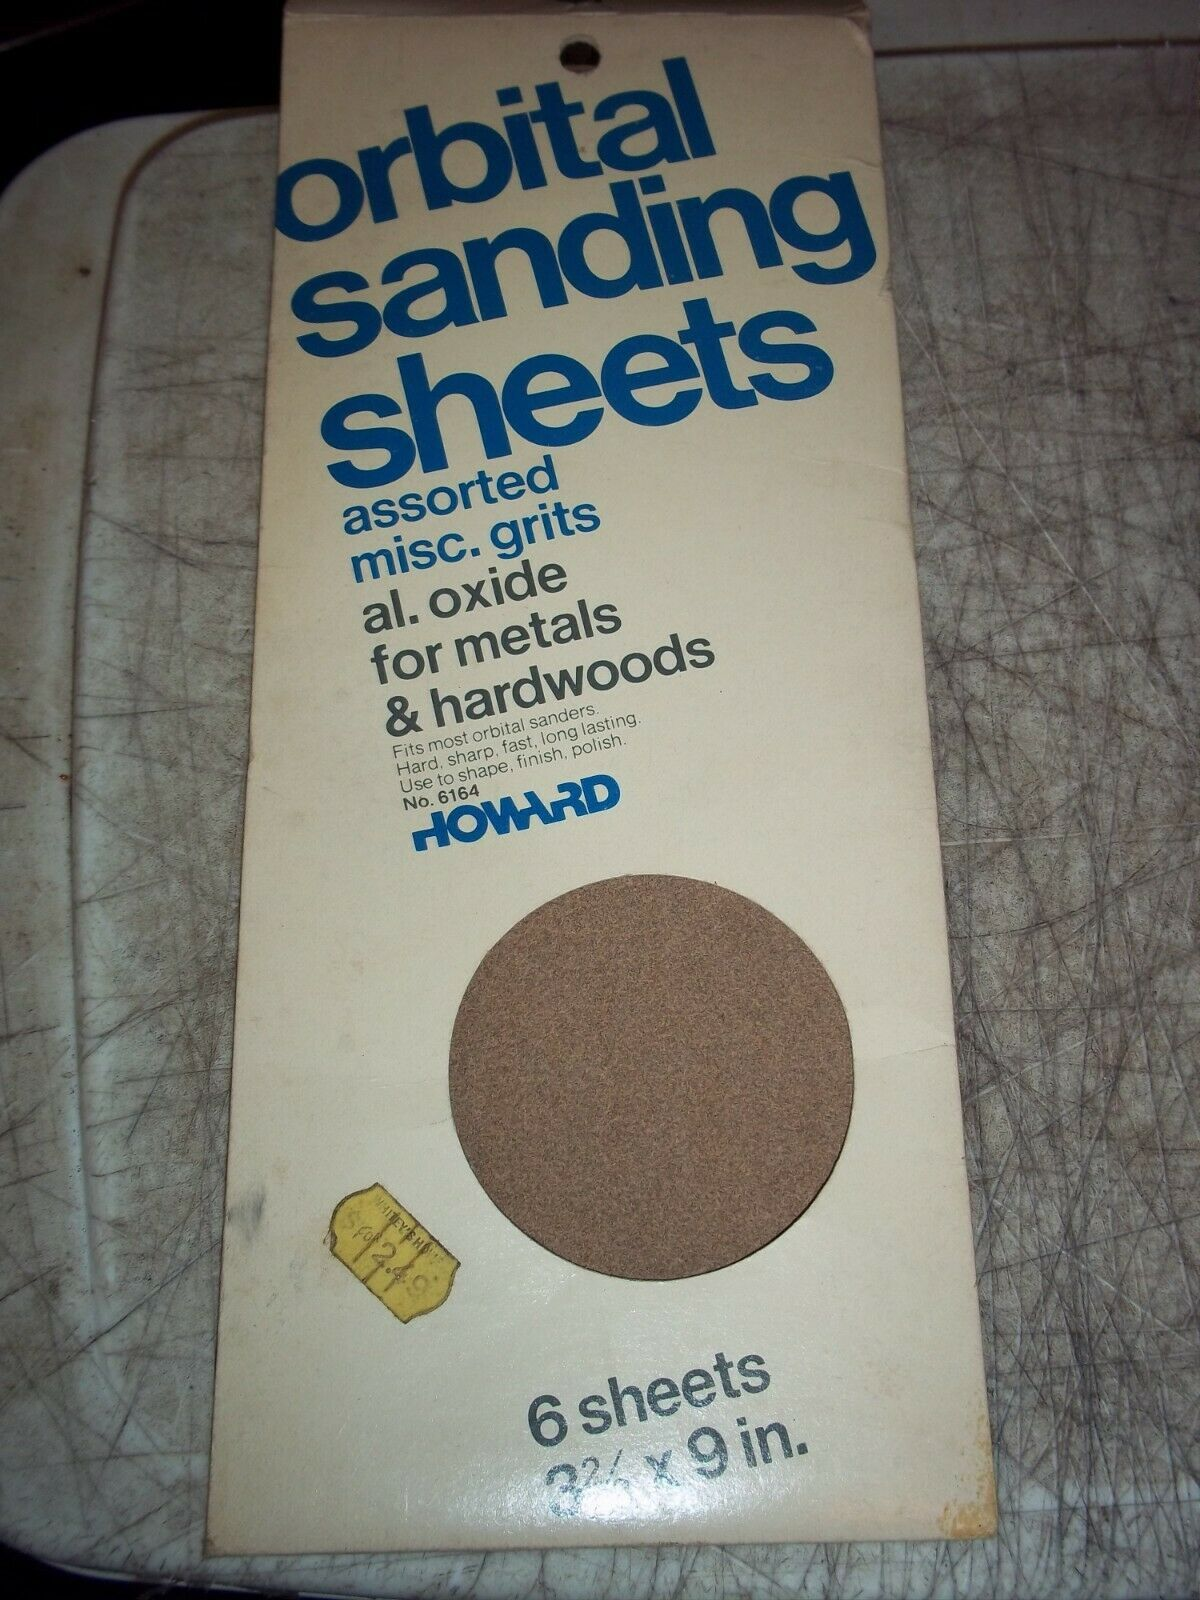 """5 HOWARD ORBITAL SANDING SHEETS 1/3 SHTS 3-2/3""""x9"""" 2 MED 3 ALUMINUM OXIDE 150 - $7.12"""